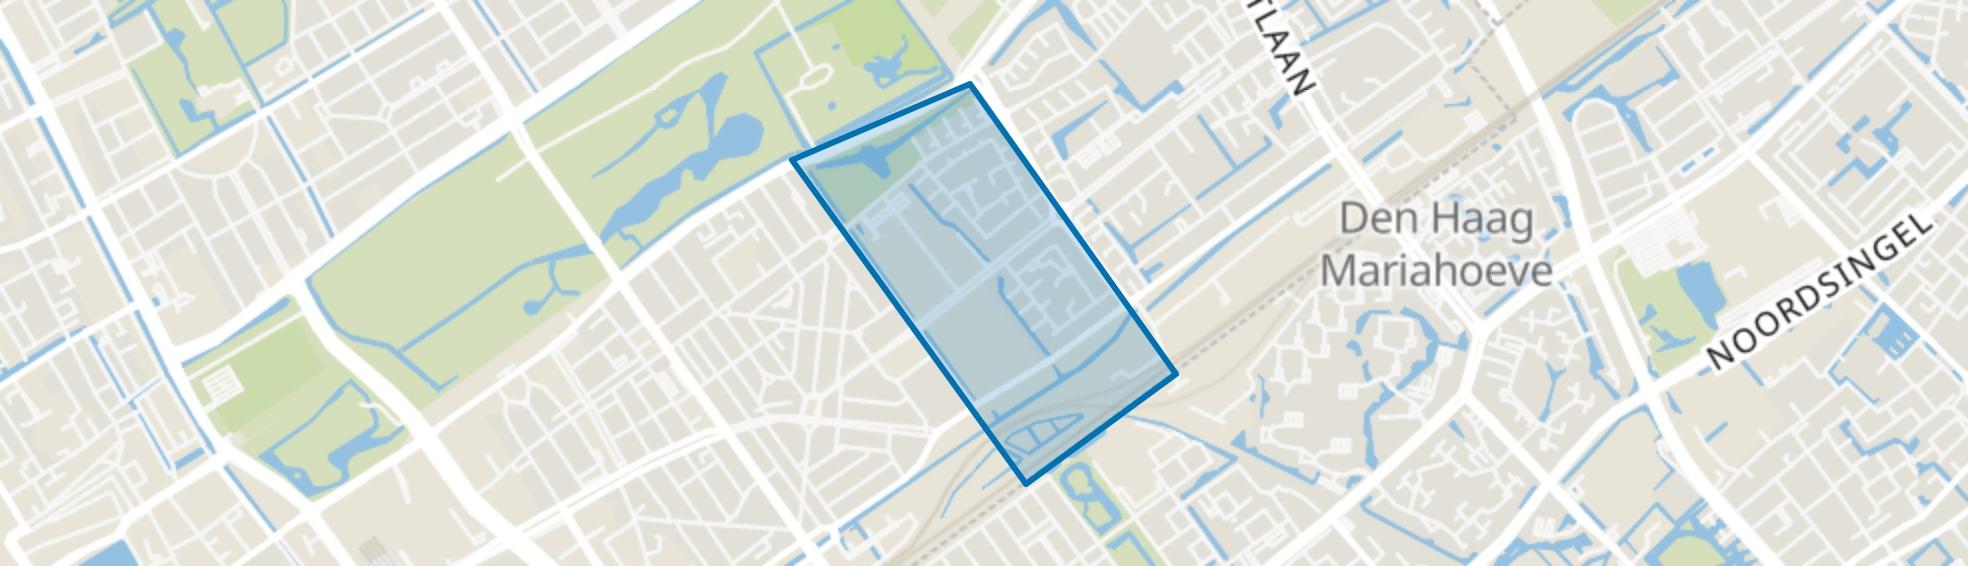 Kampen, Den Haag map